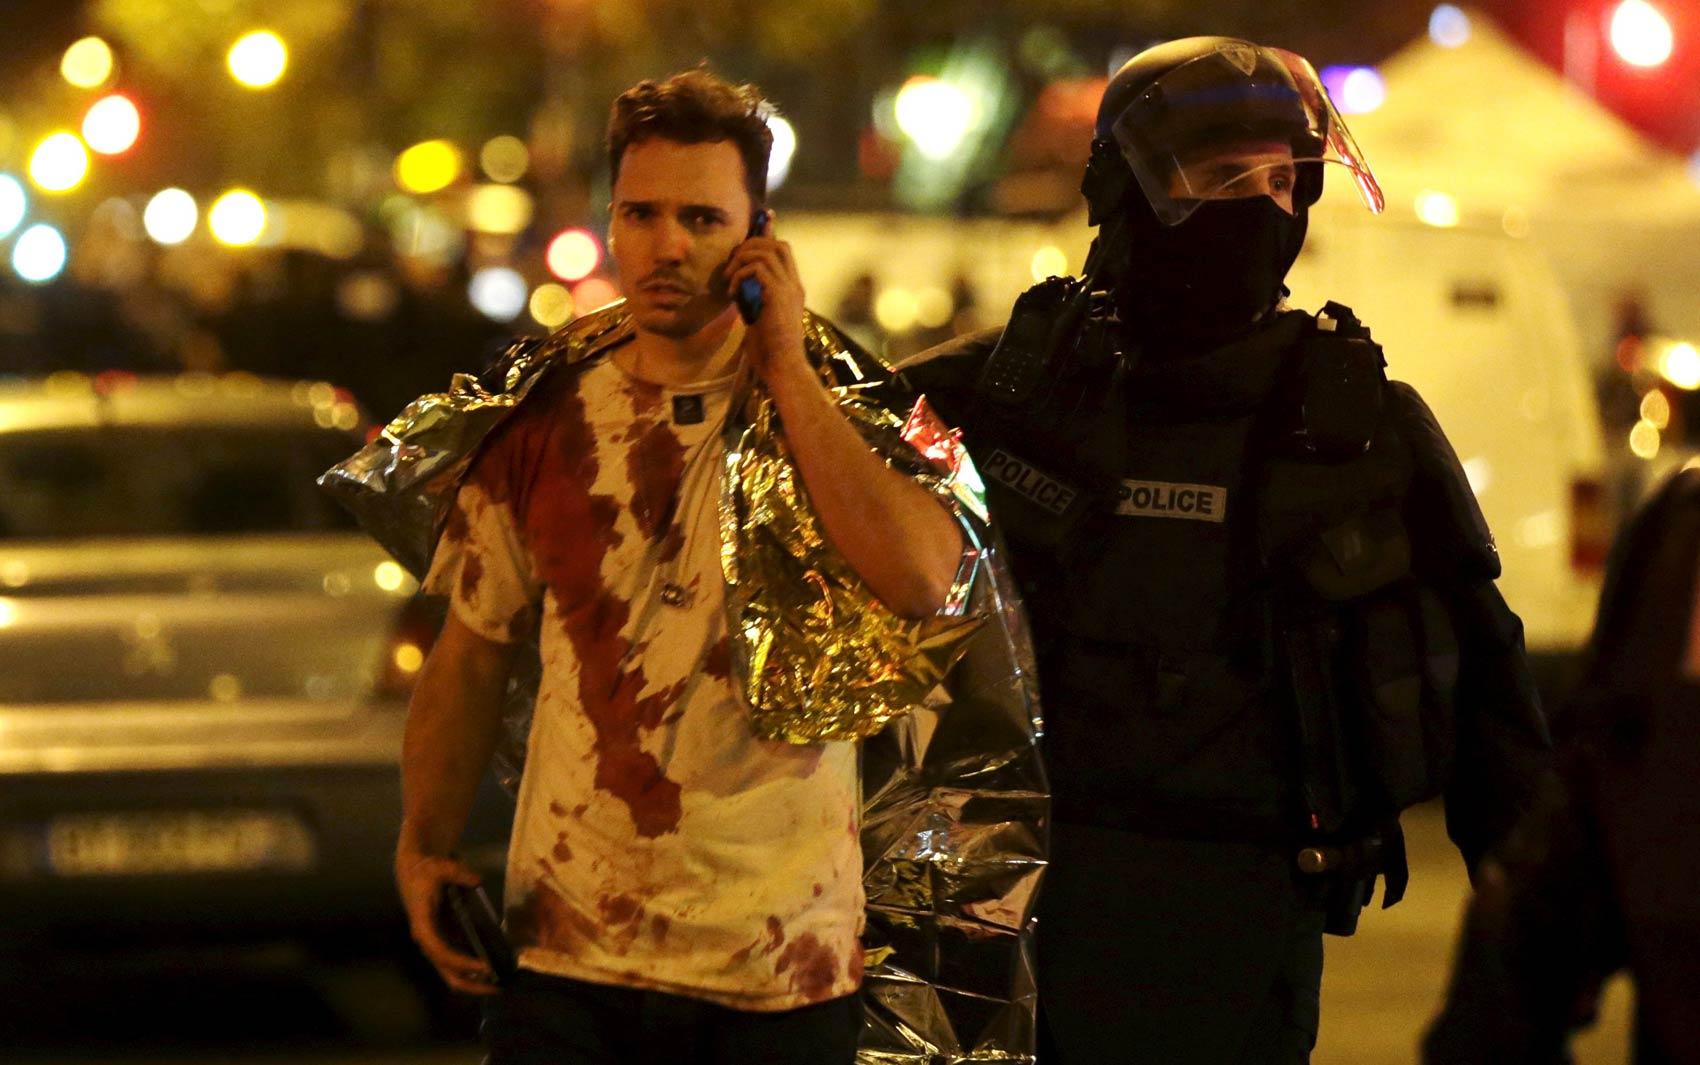 view-source:http://s.glbimg.com/jo/g1/f/original/2015/11/13/ataque-paris37.jpg